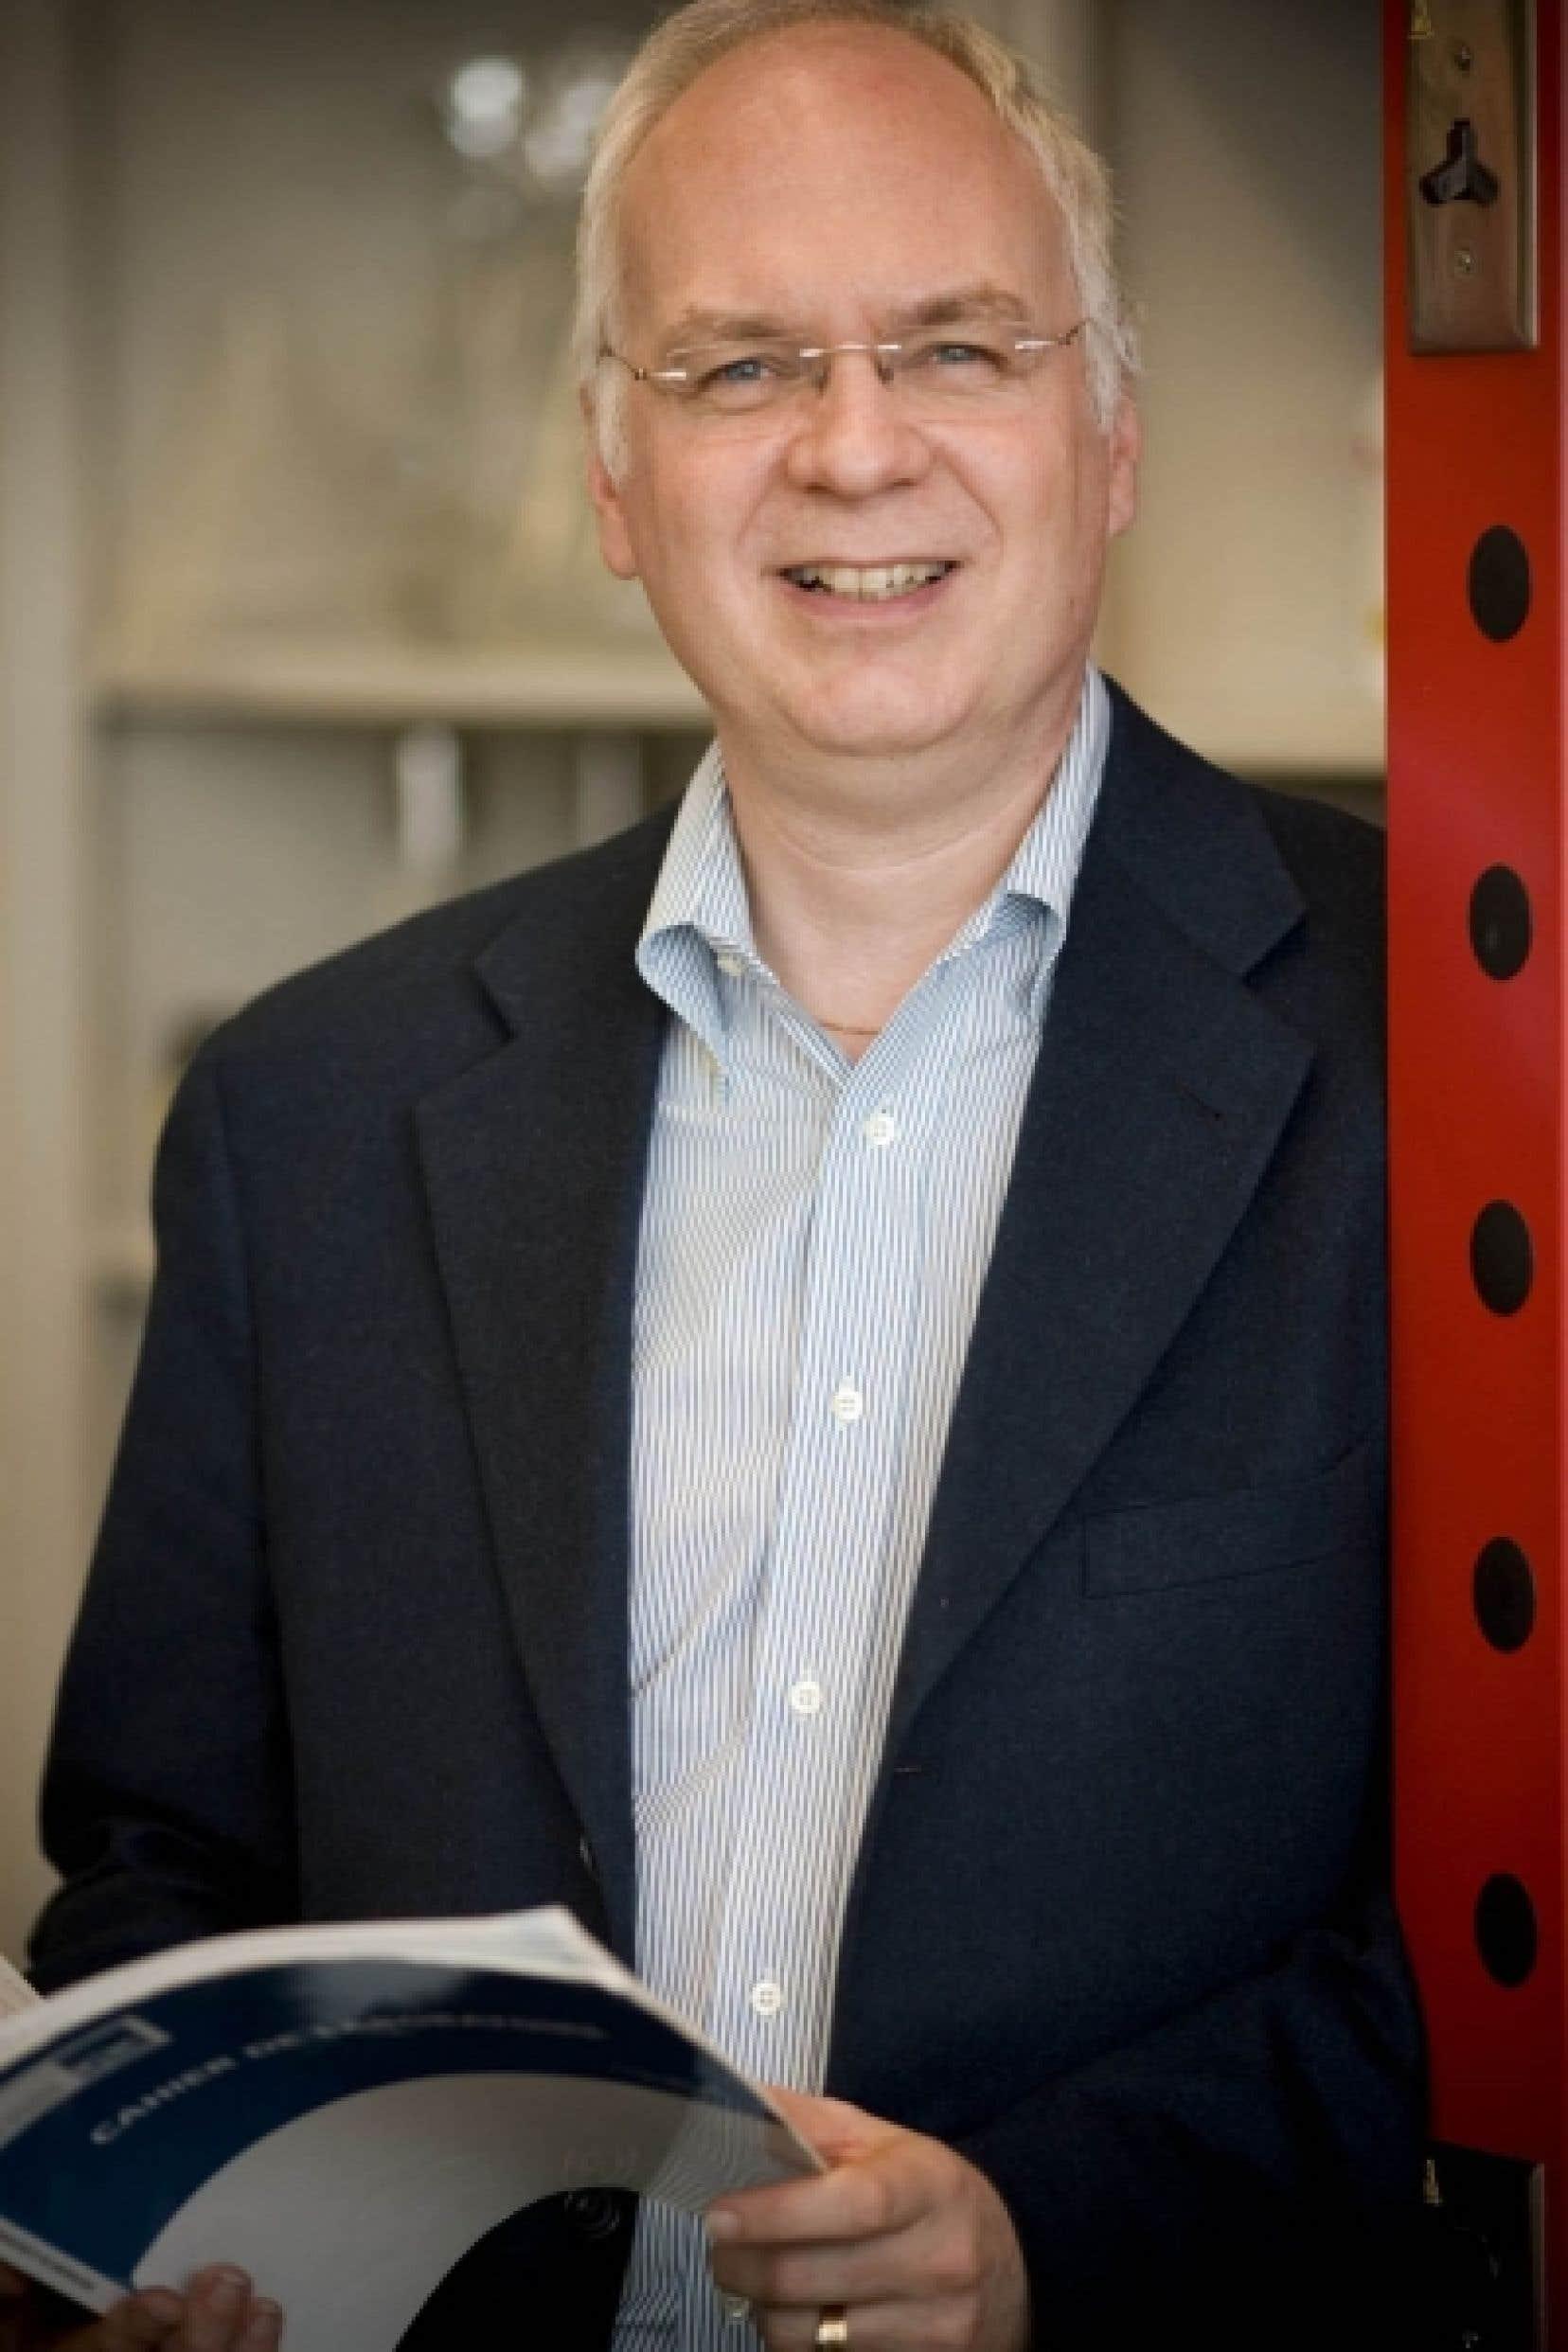 Michel Bouvier, directeur du Groupe de recherche universitaire sur le médicament de l'Université de Montréal et récipiendaire du prix Adrien-Pouliot <br />